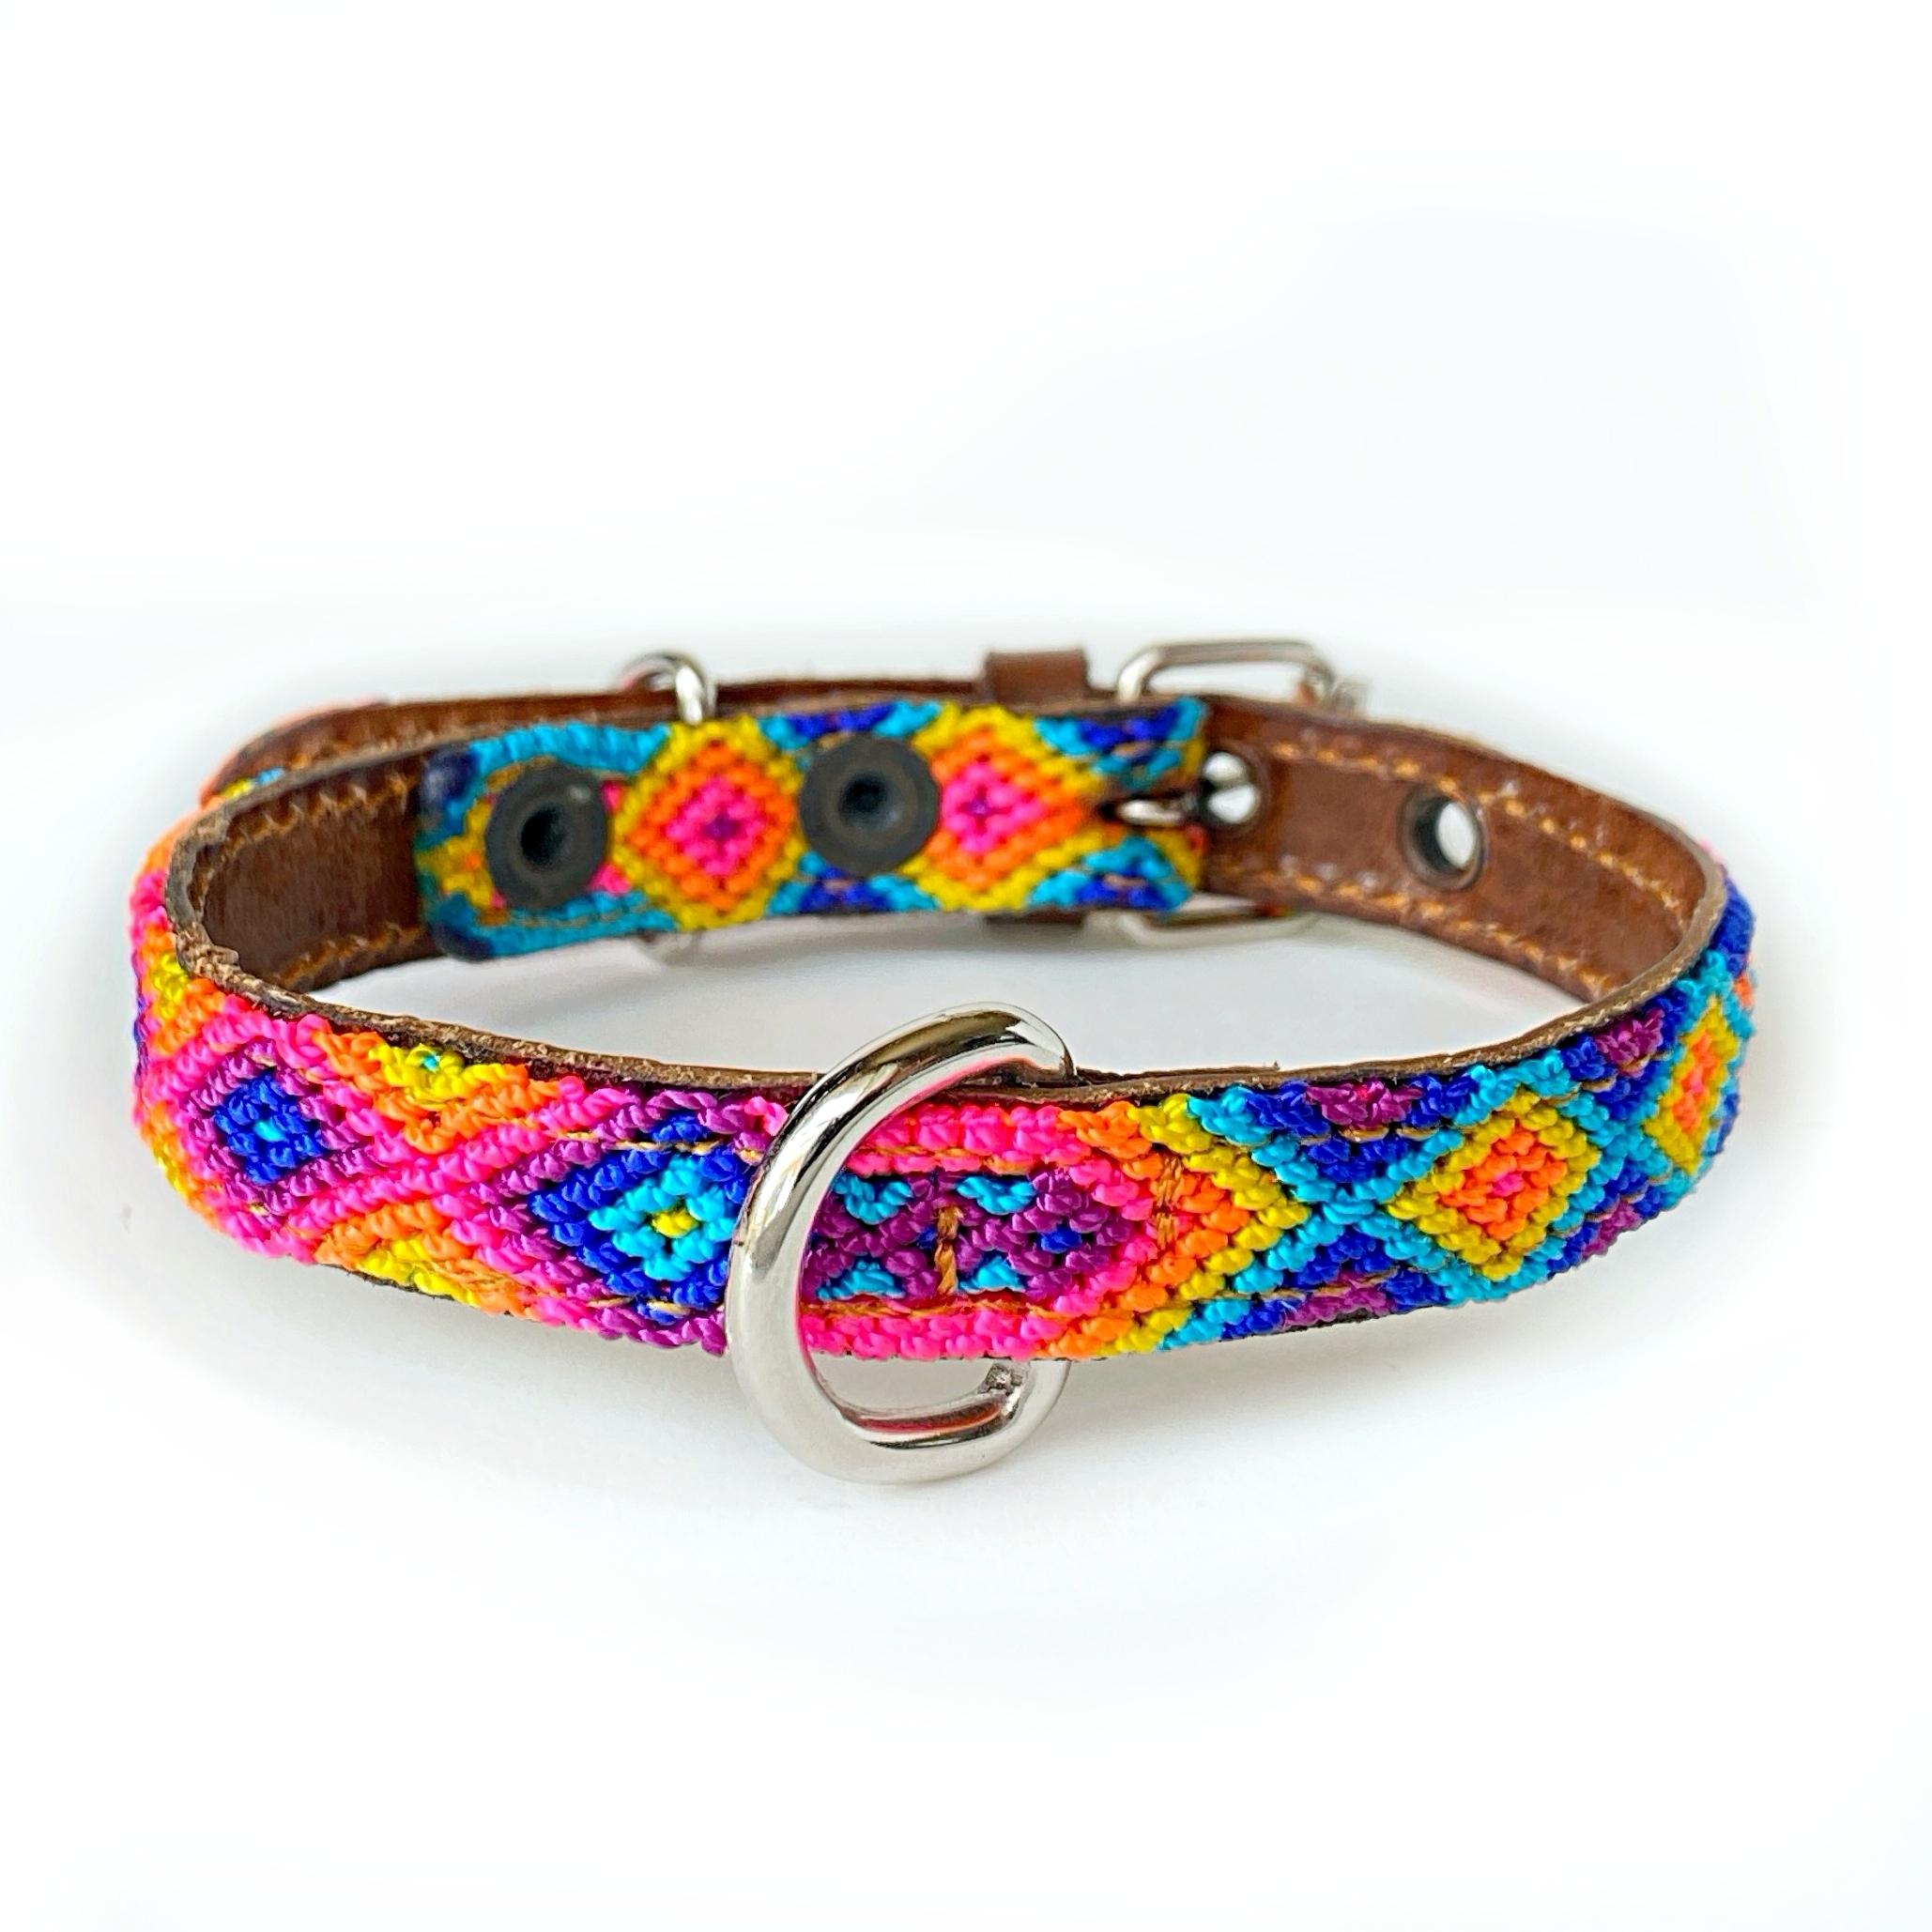 犬の首輪 -サイズXS mini- [デイドリーム]